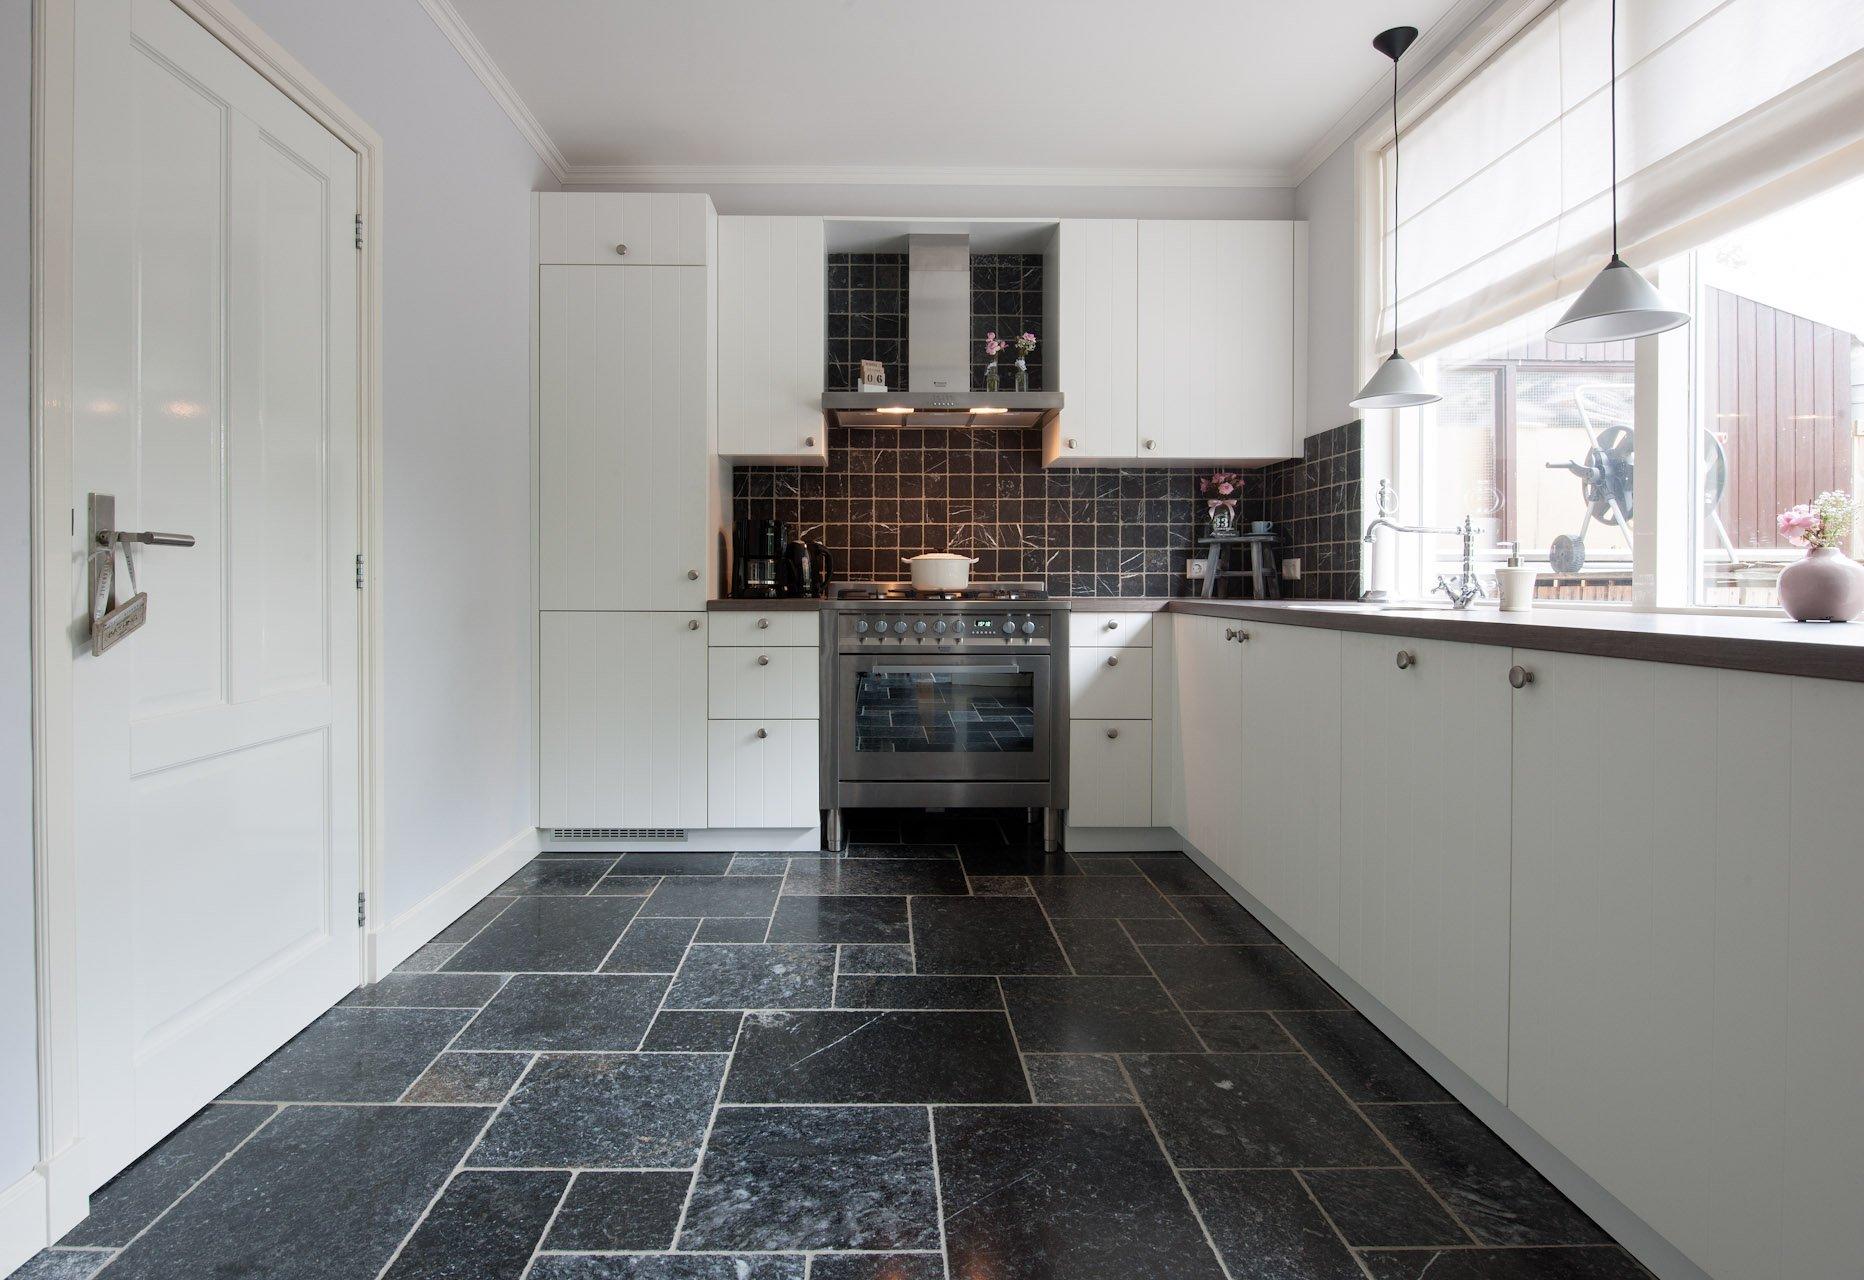 Keuken Wandtegels Kopen : Keukentegels: wandtegels voor in de keuken KROON